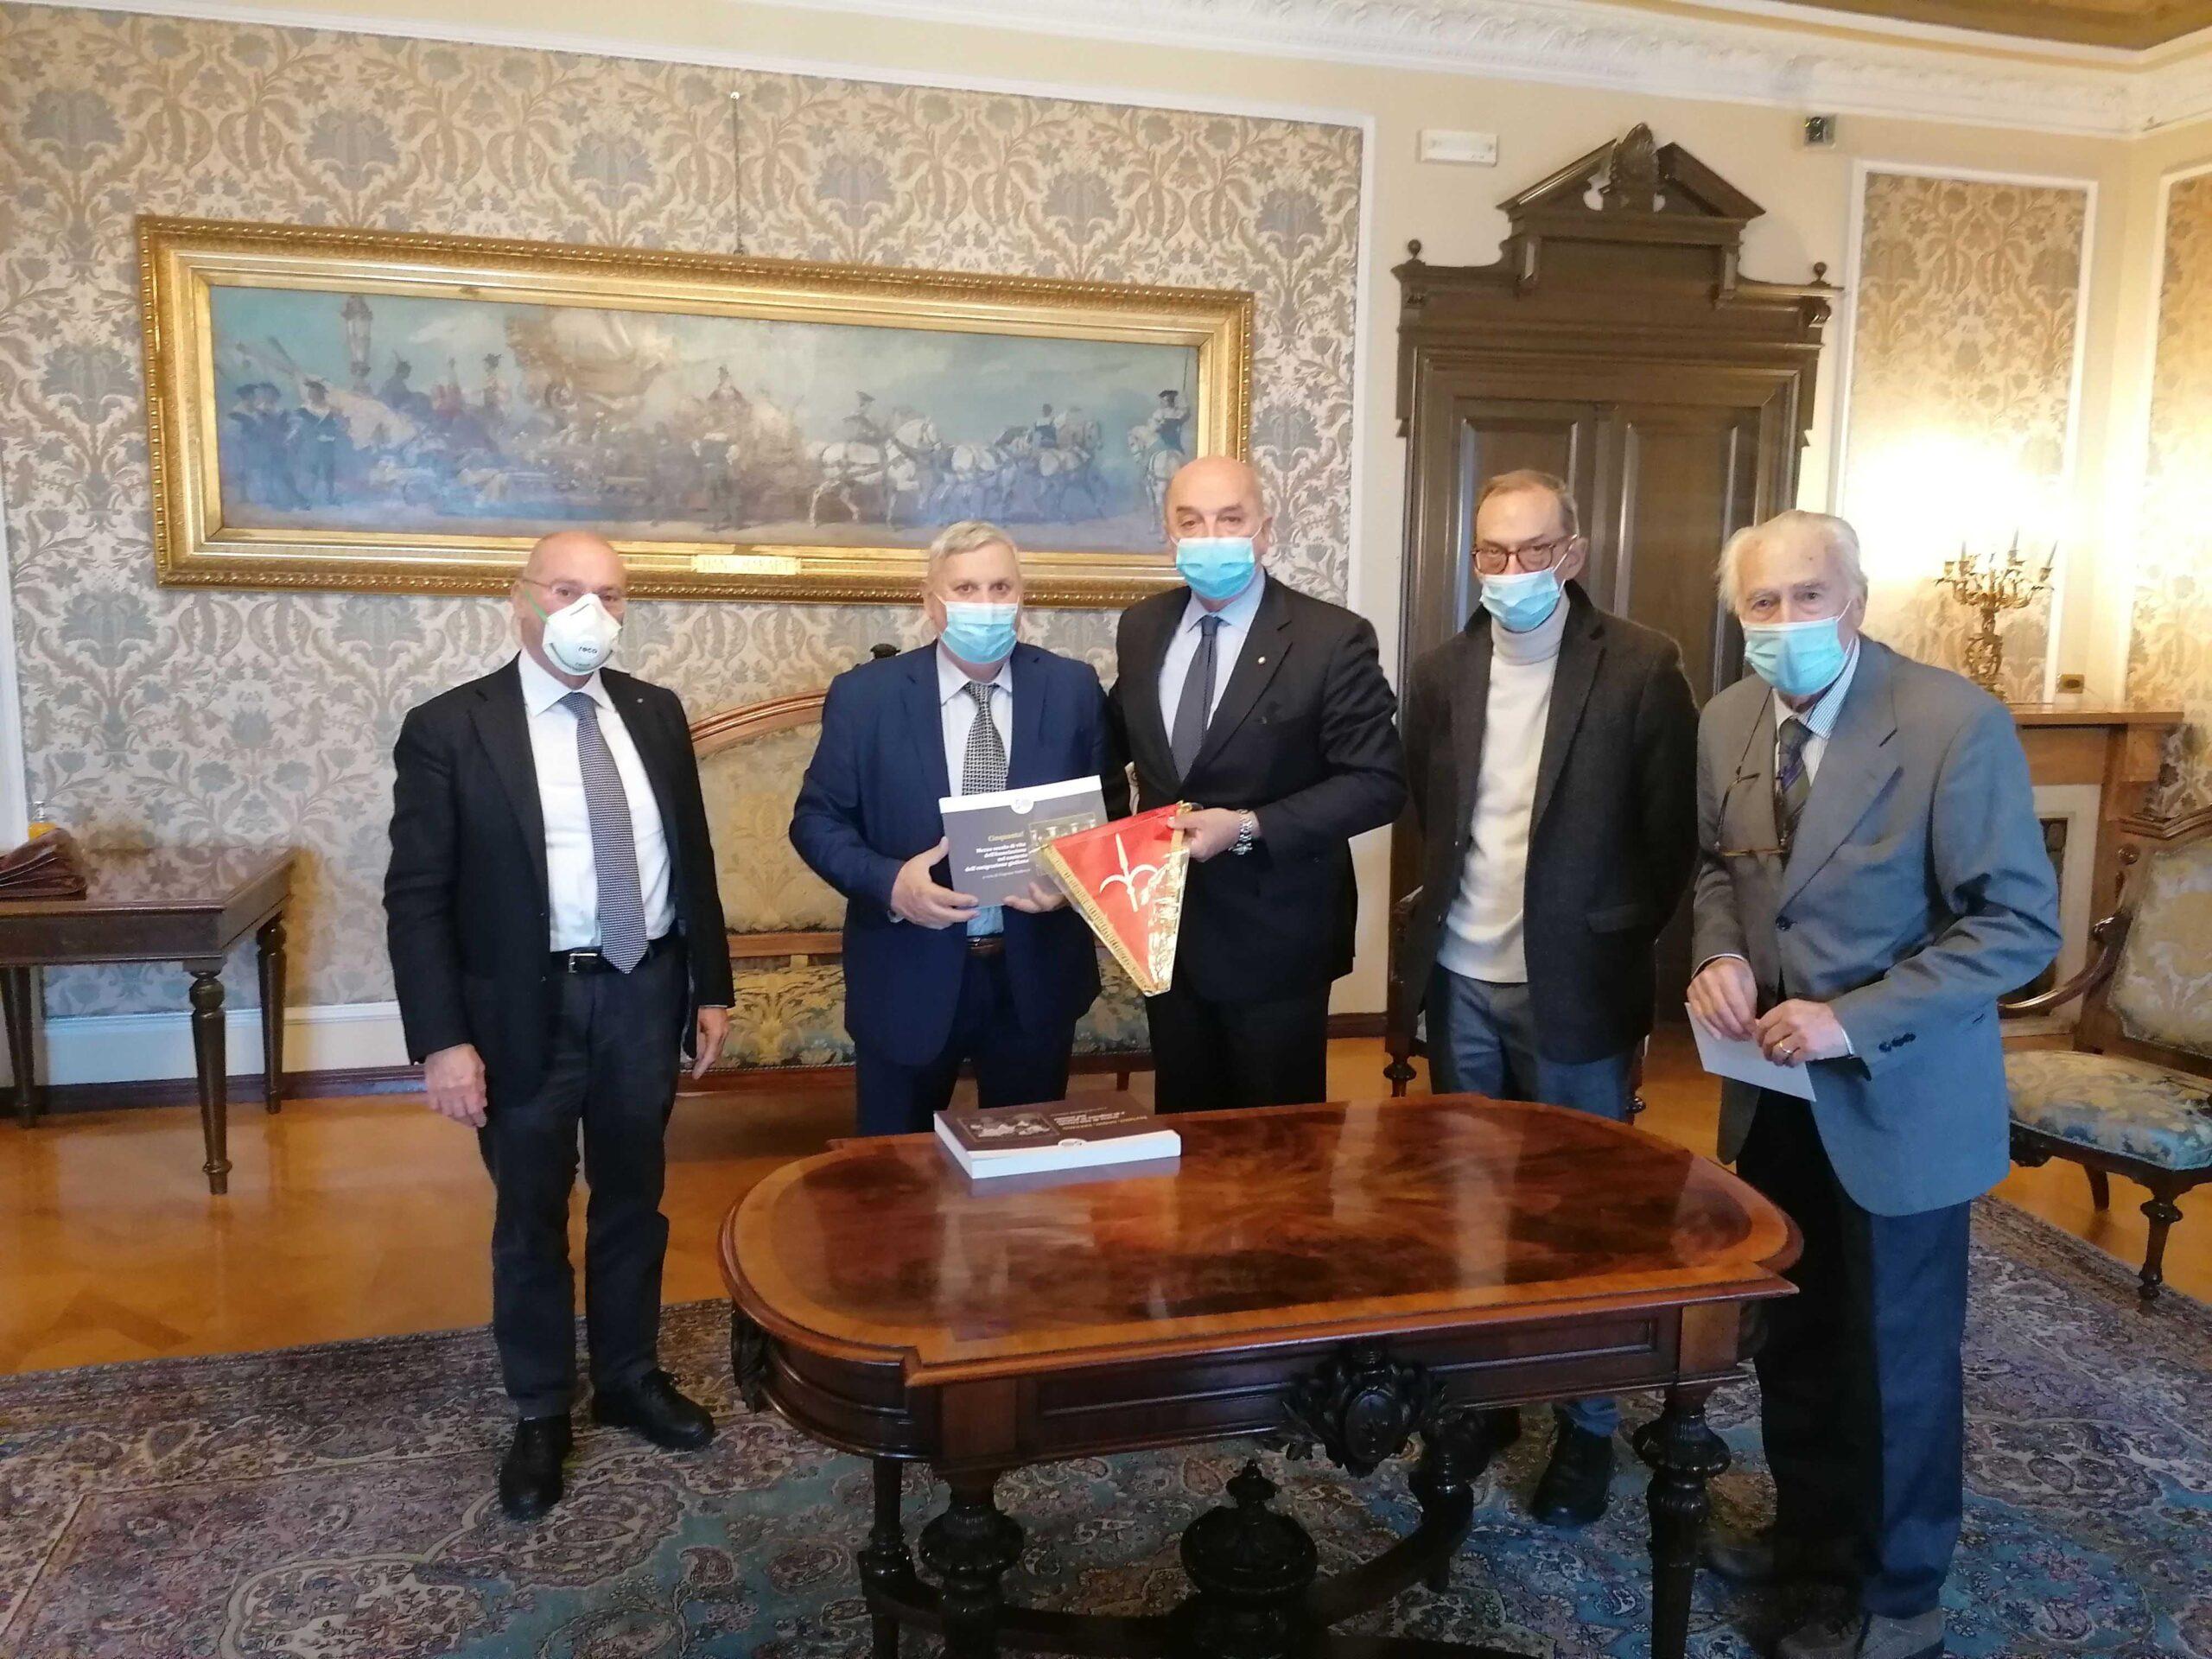 Associazione Giuliani Nel Mondo Il Nuovo Presidente E Franco Miniussi Il Nordest Quotidiano